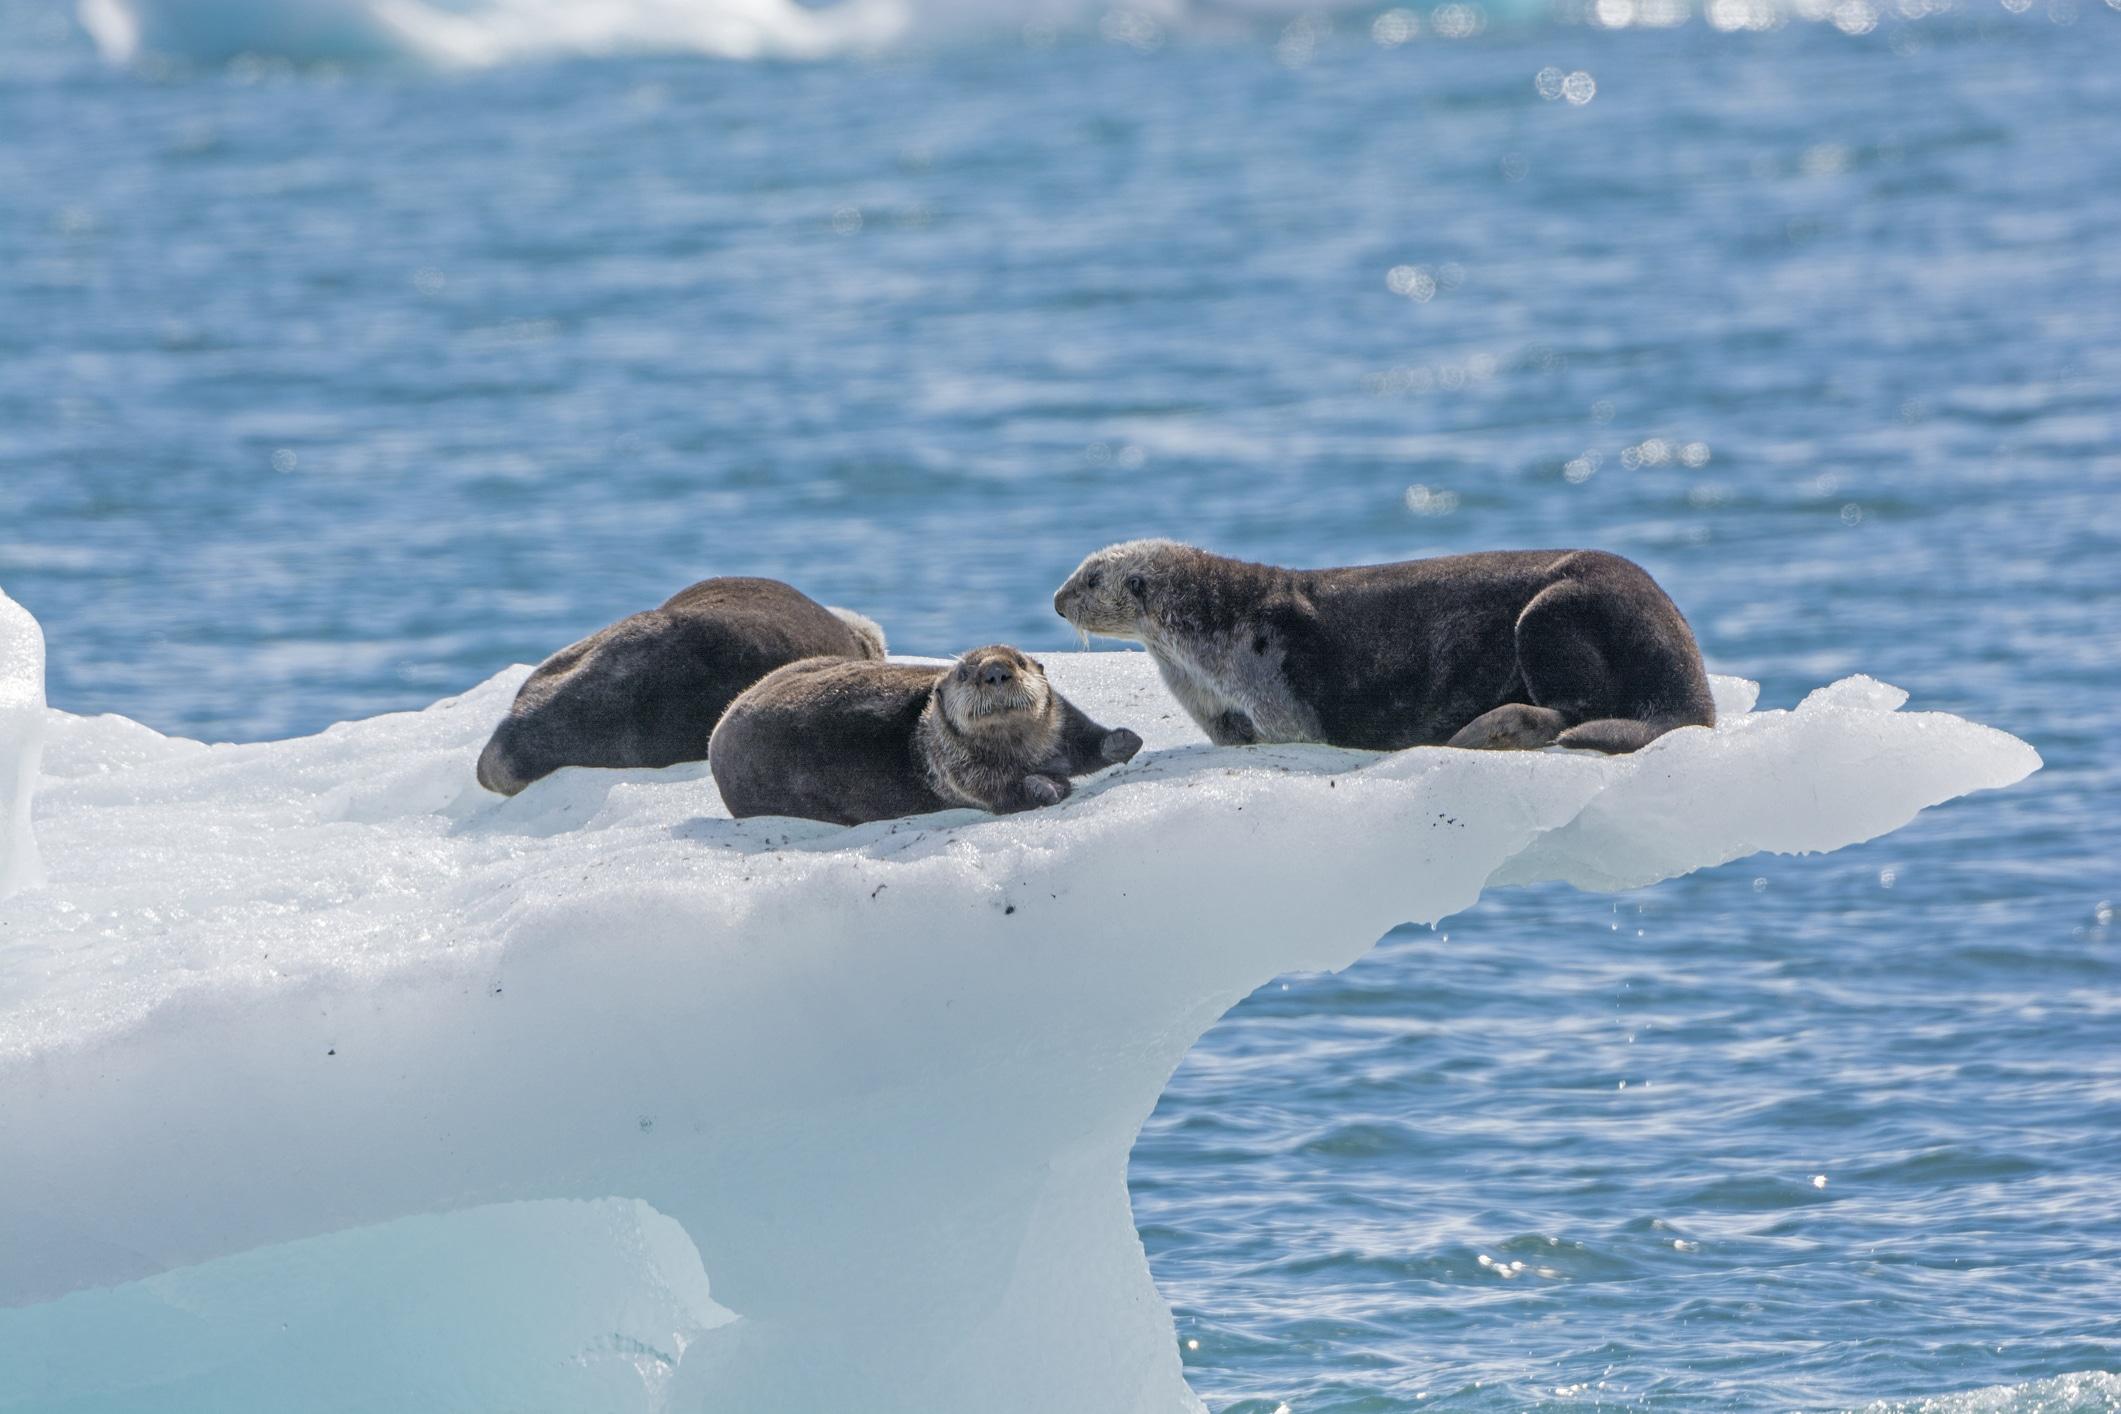 Three sea otters on an iceberg